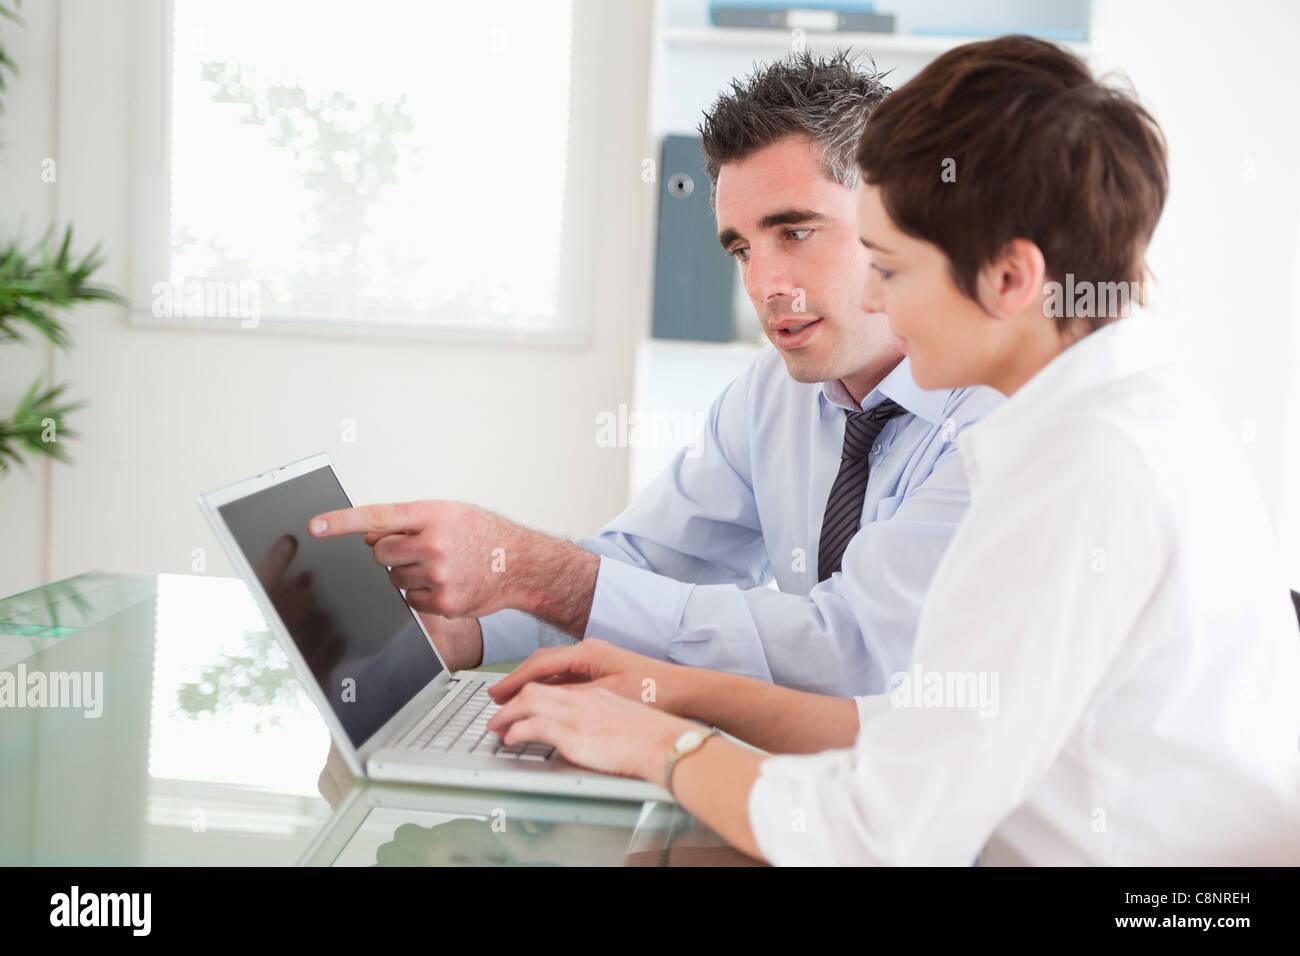 Mann zeigte sich etwas auf seine Sekretärin auf einem notebook Stockfoto